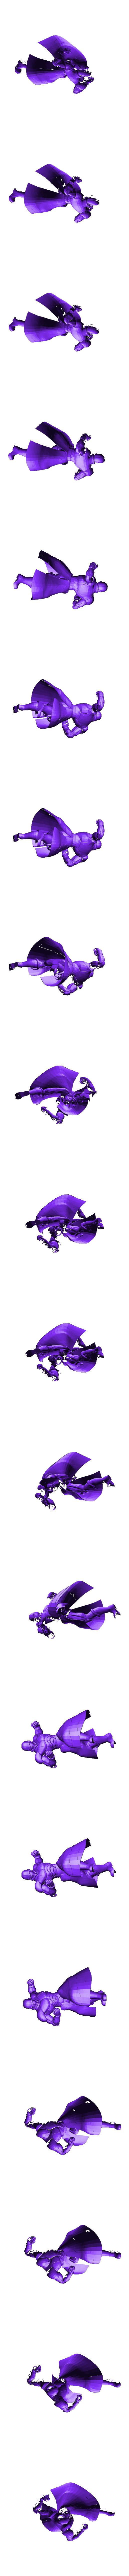 base1hit.stl Descargar archivo STL Golpea el modelo super 3D de Dragon Ball • Objeto imprimible en 3D, lmhoangptit